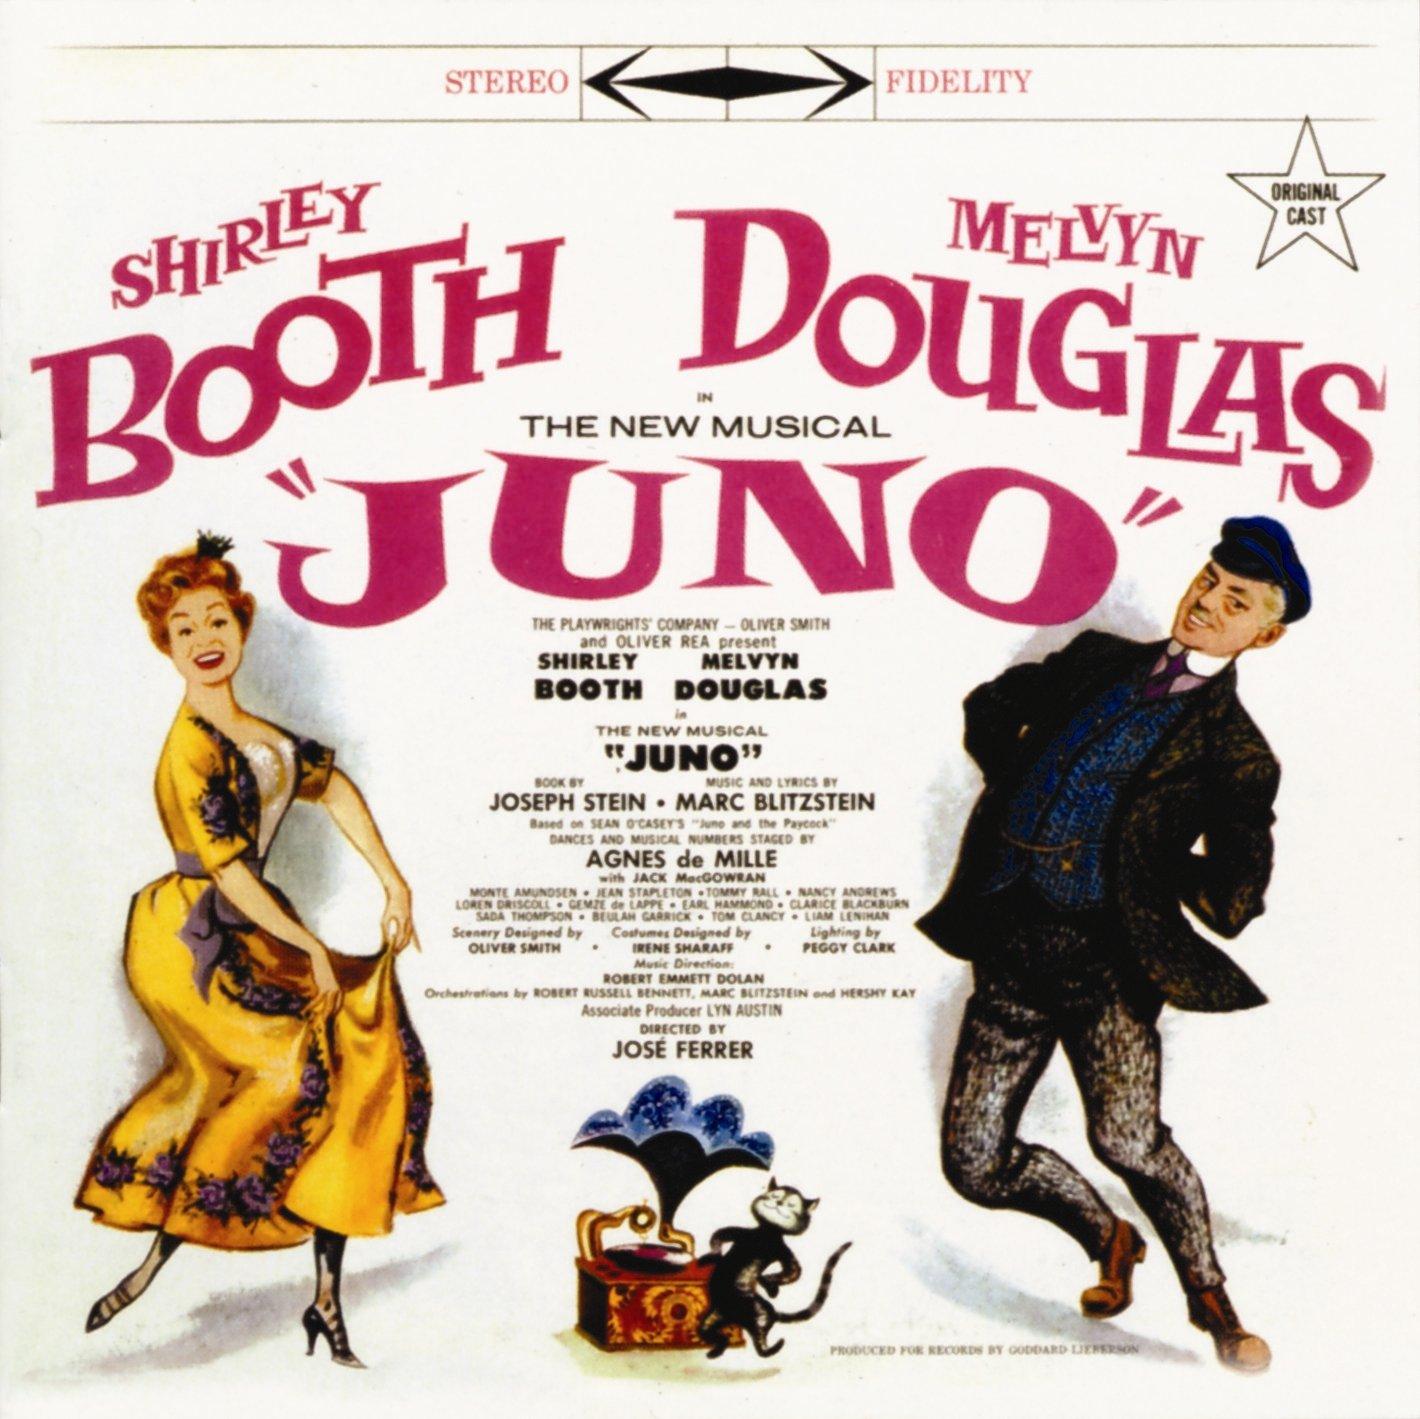 Juno – Original Cast Album 1959